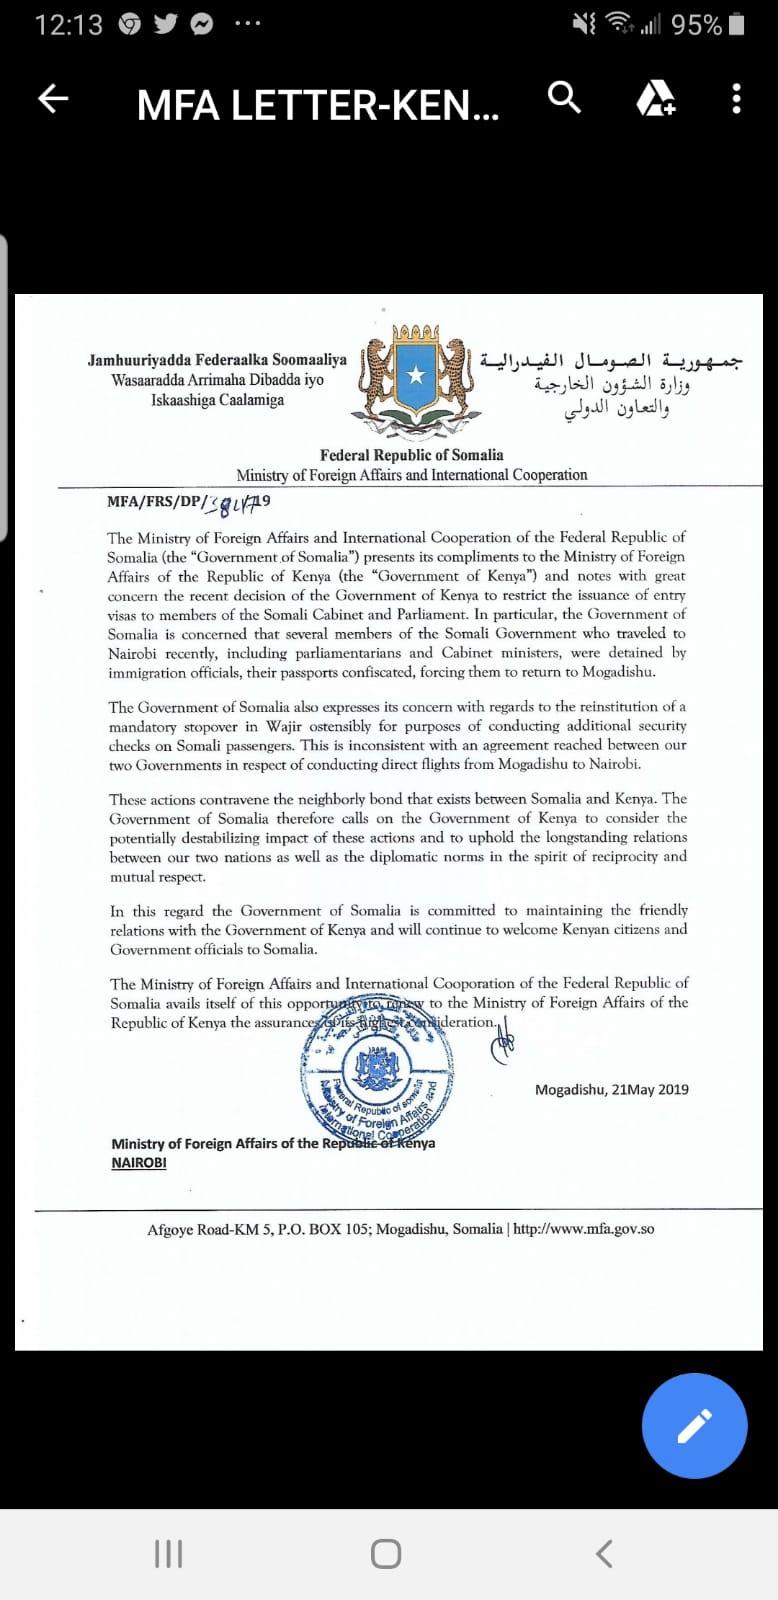 SOMALIA RESPONDS TOKENYA